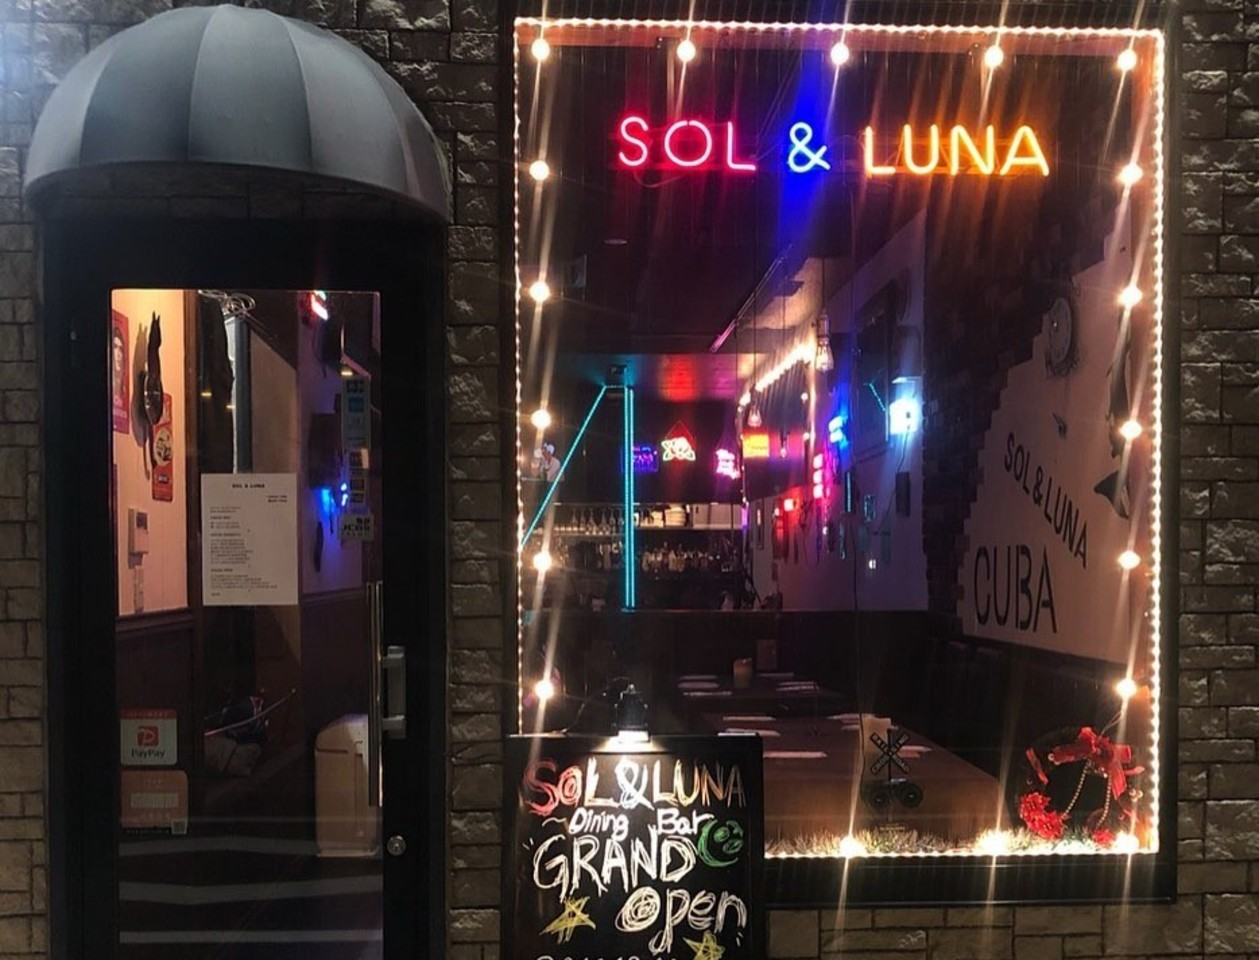 東京都渋谷区鴬谷町にタイニングバー「SOL&LUNA」が12/18にオープンされたようです。